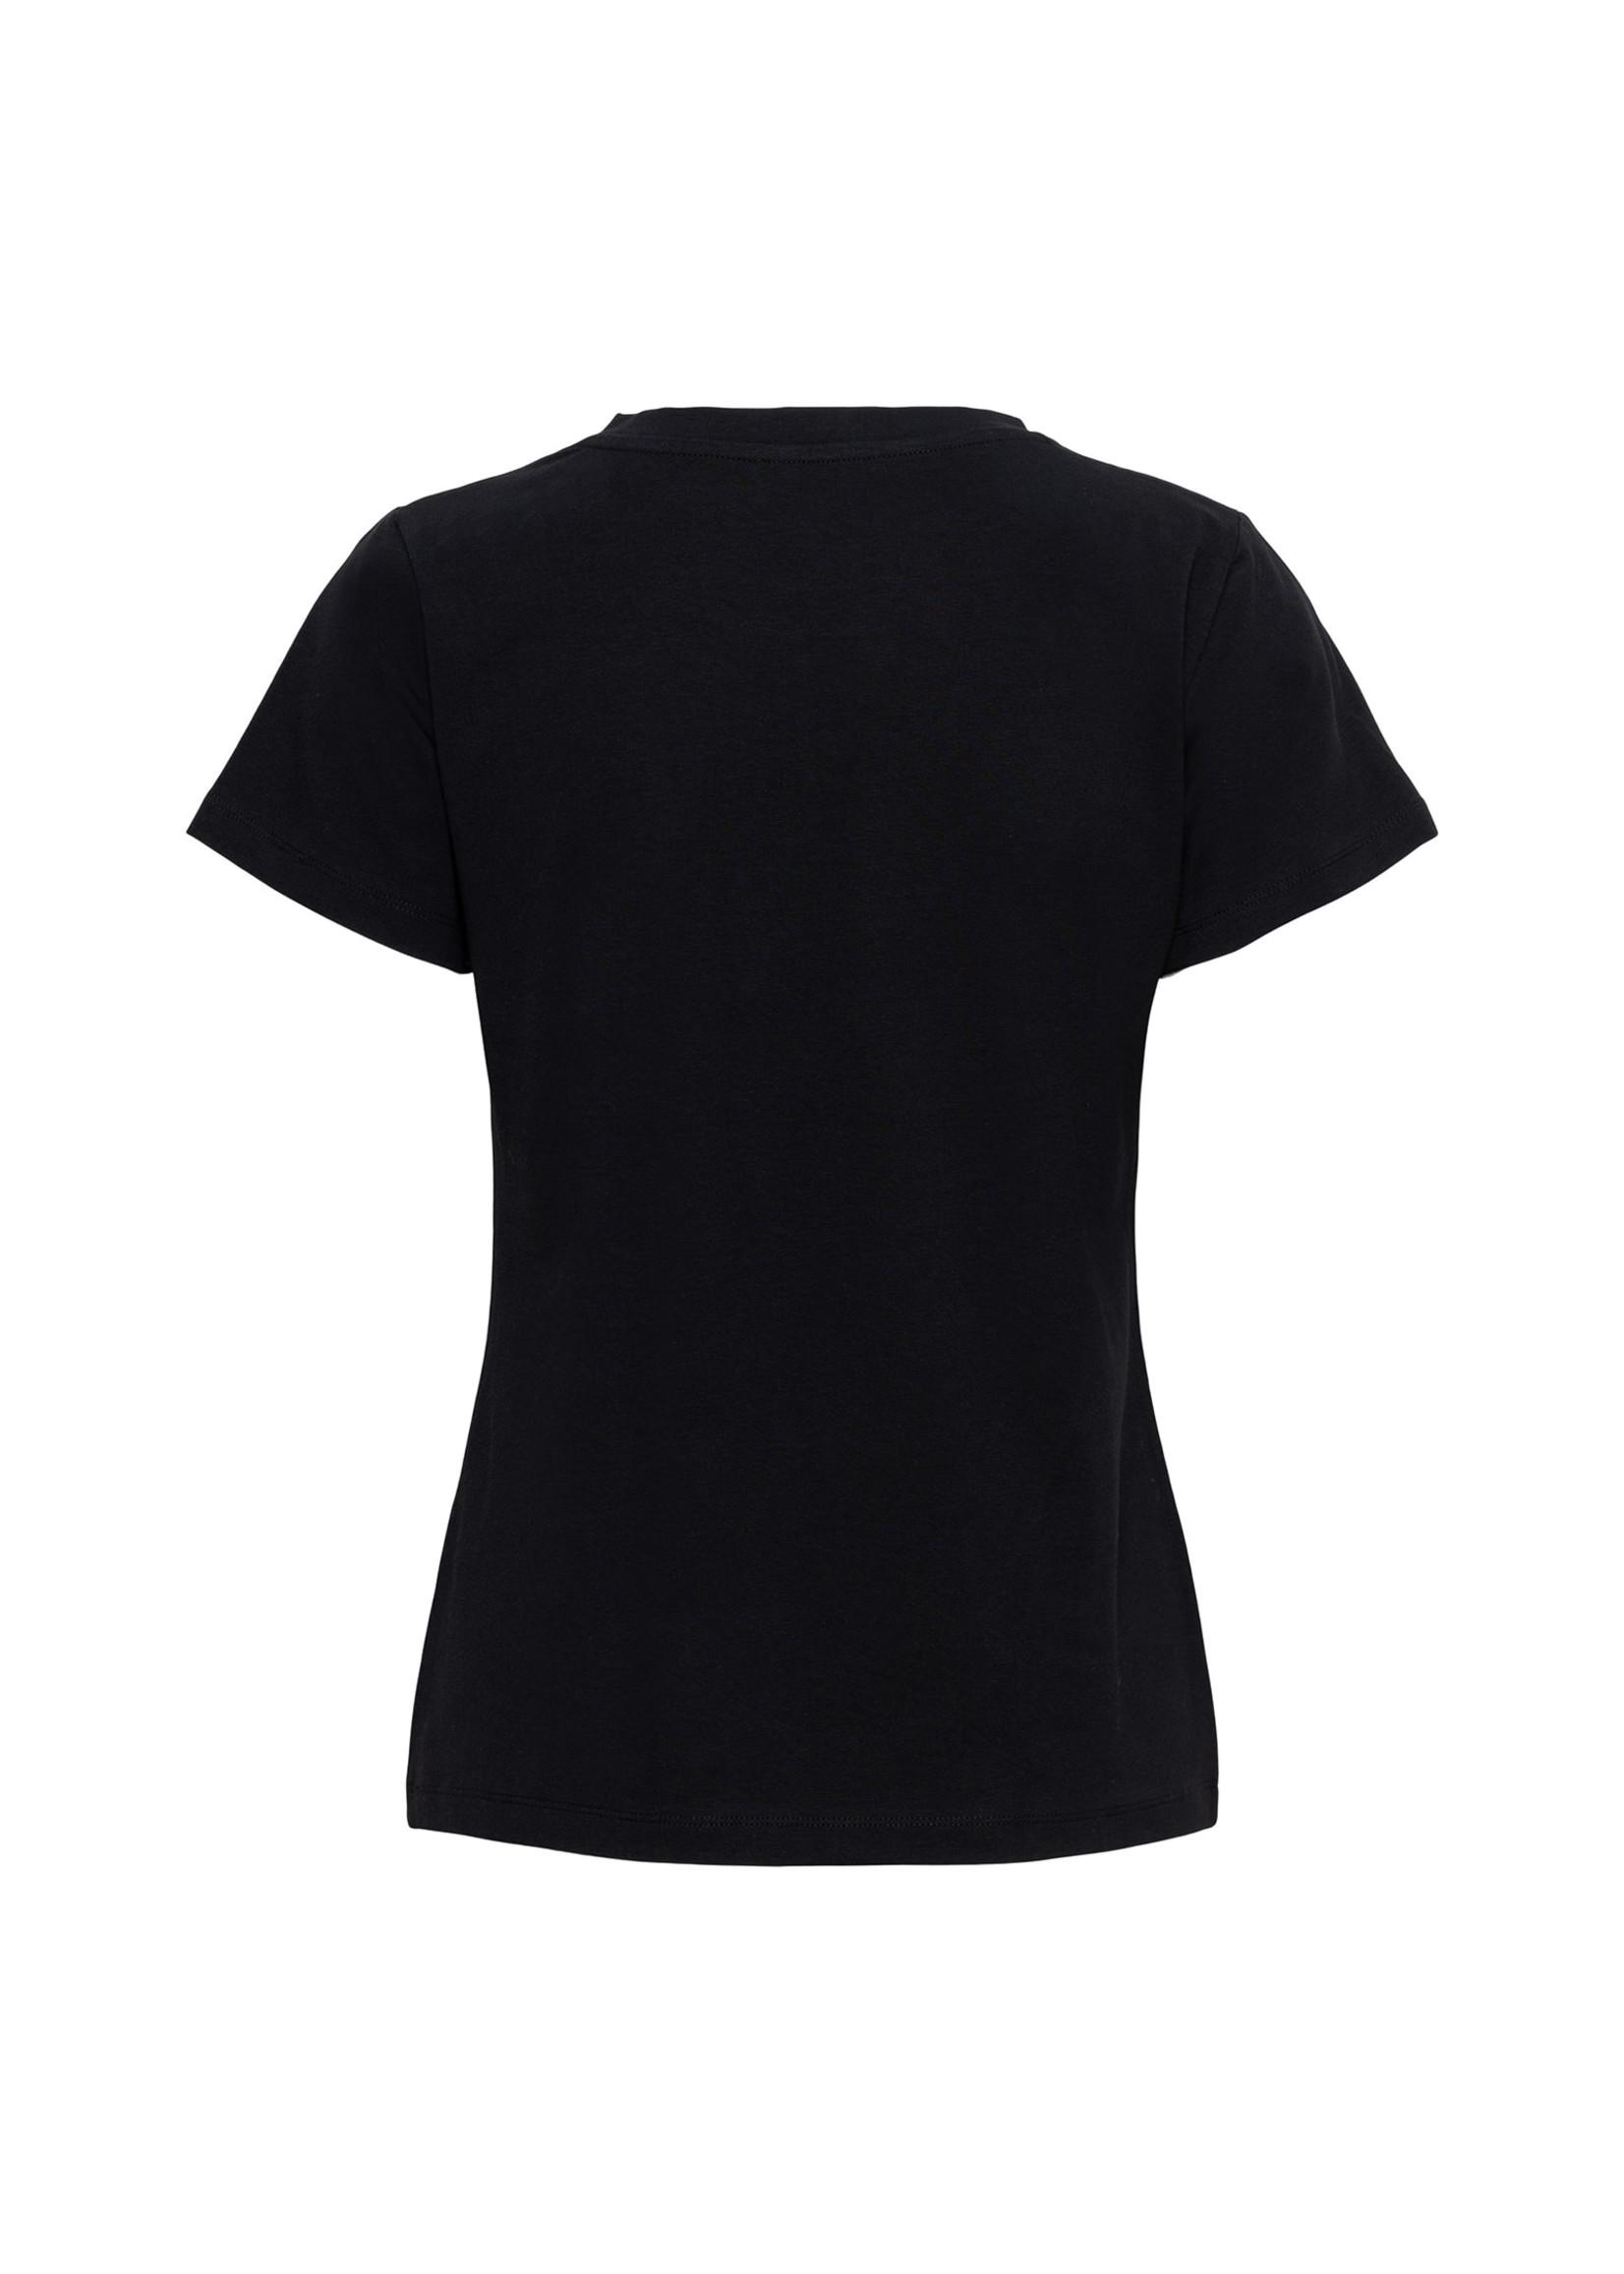 &Co Women steffy letter t-shirt (black)